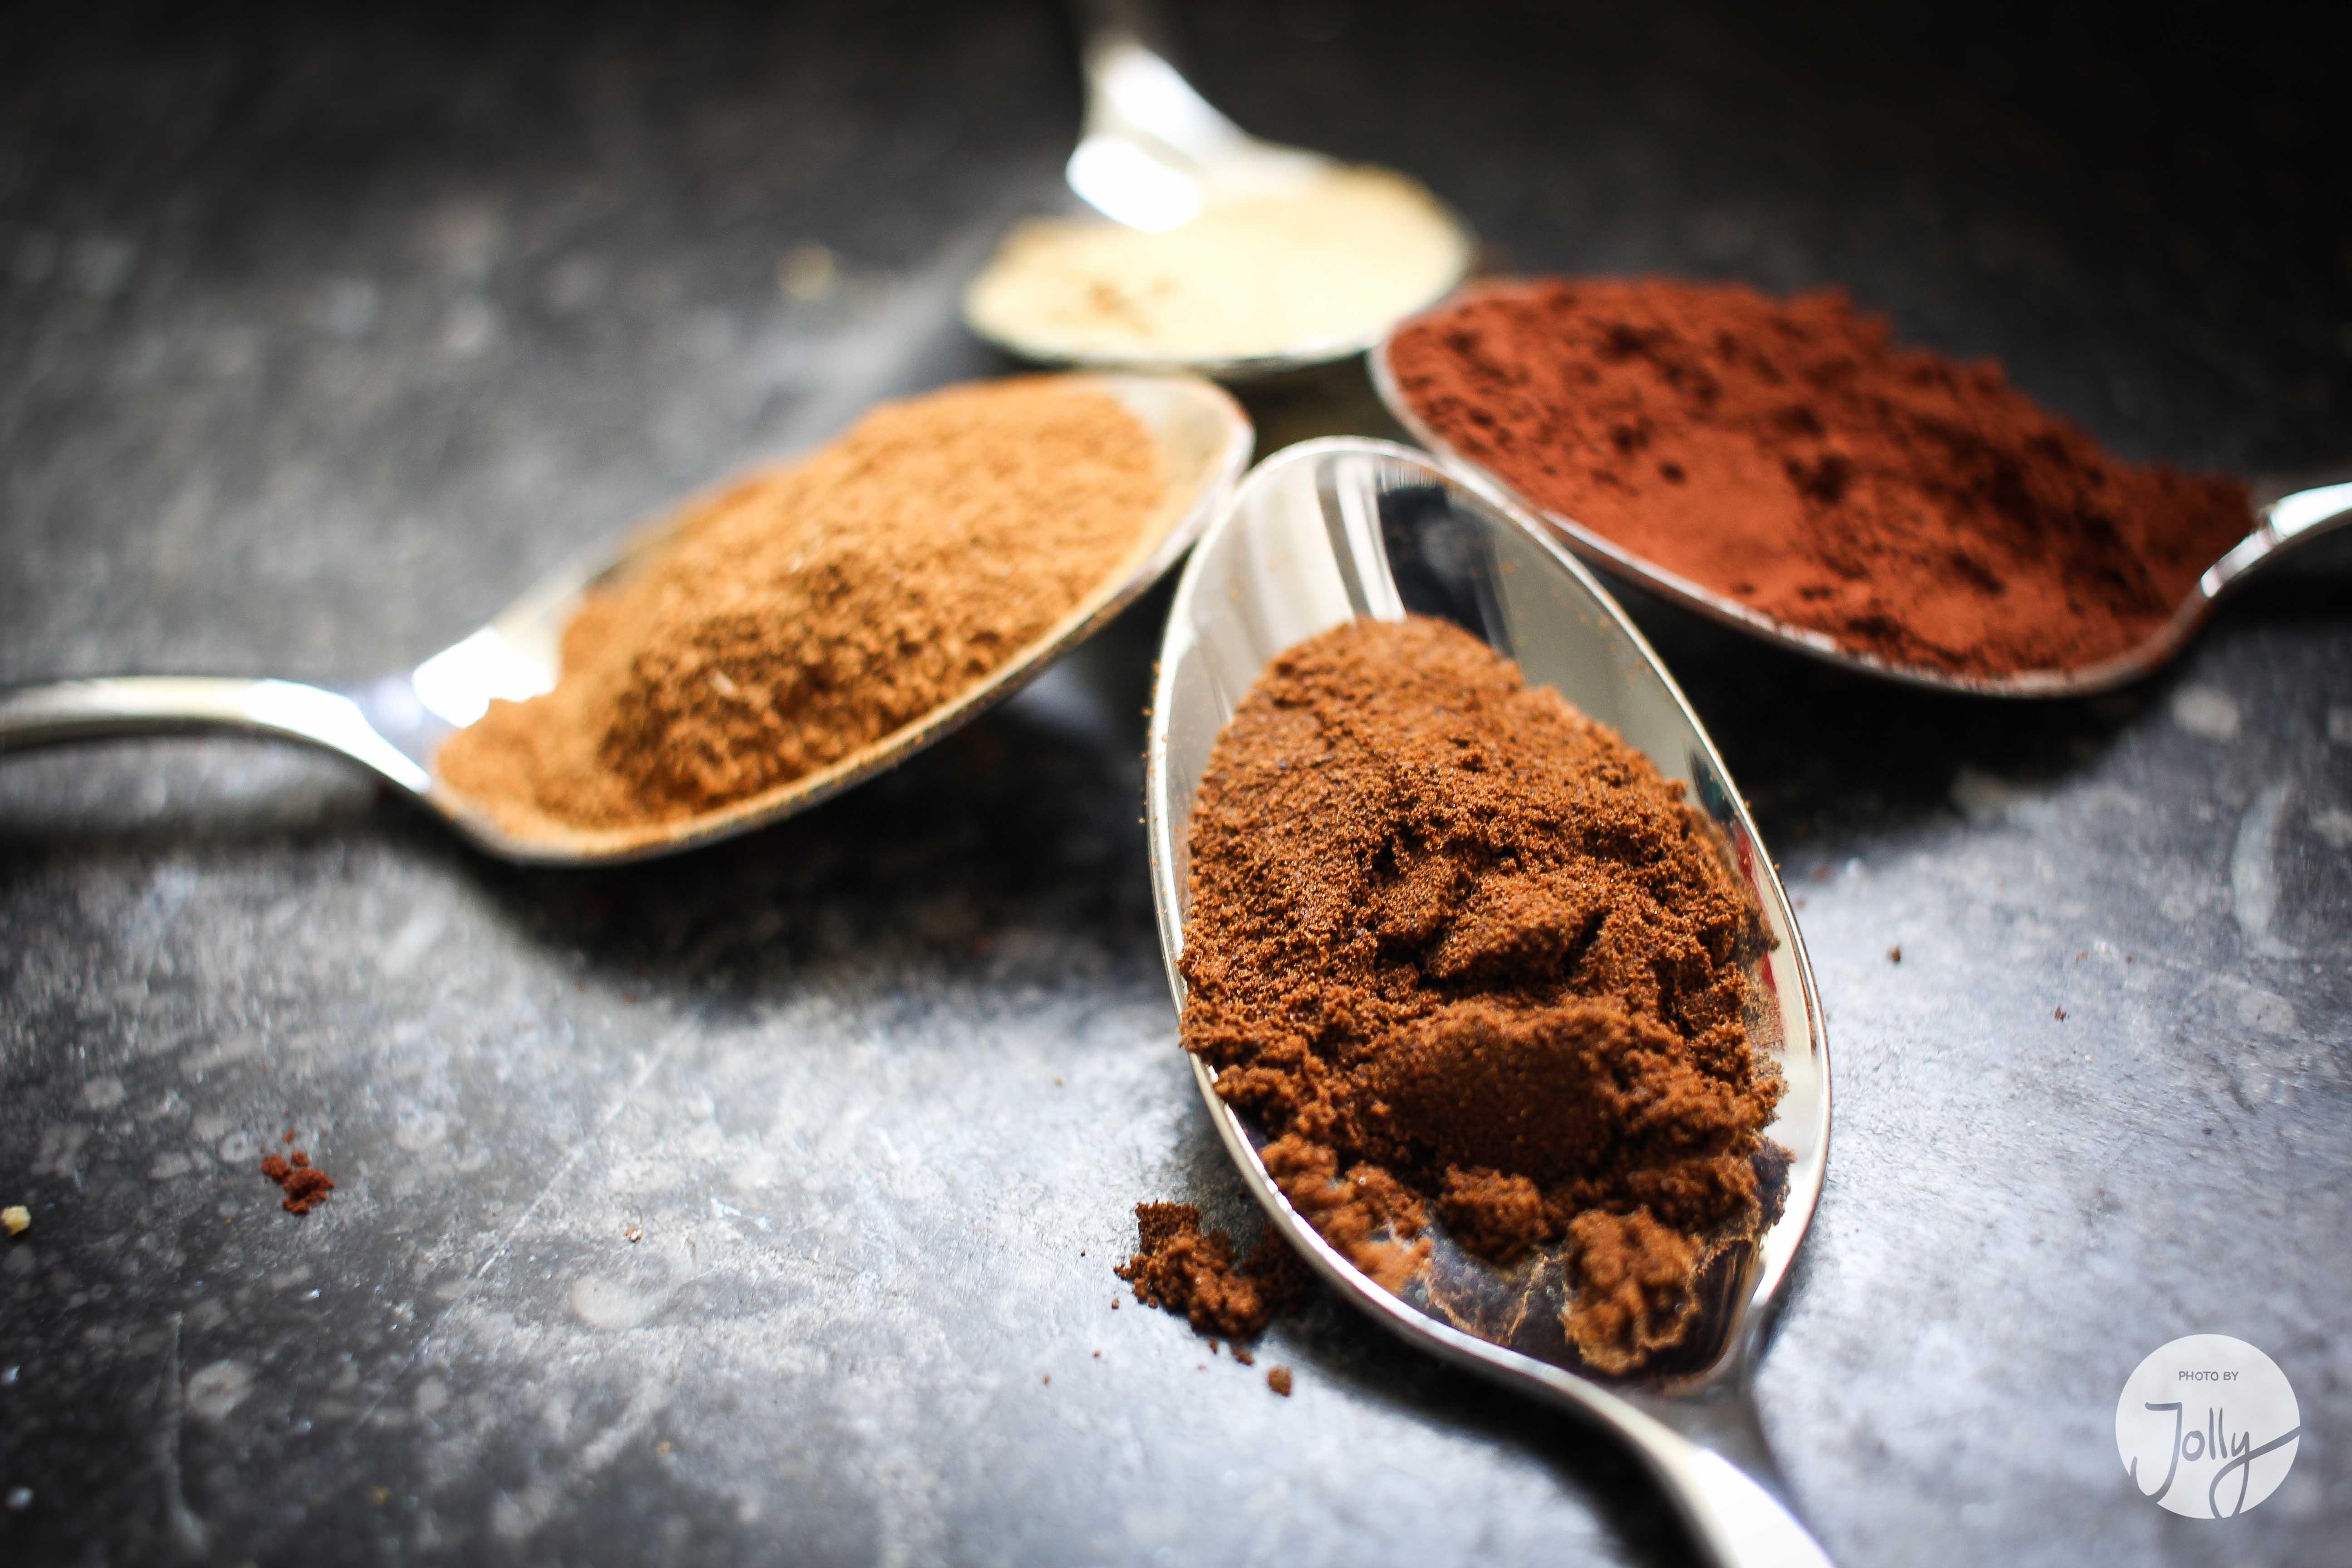 Krydderbrodkake norwegisches Gewürzbrot Gewürzkuchen Rezept